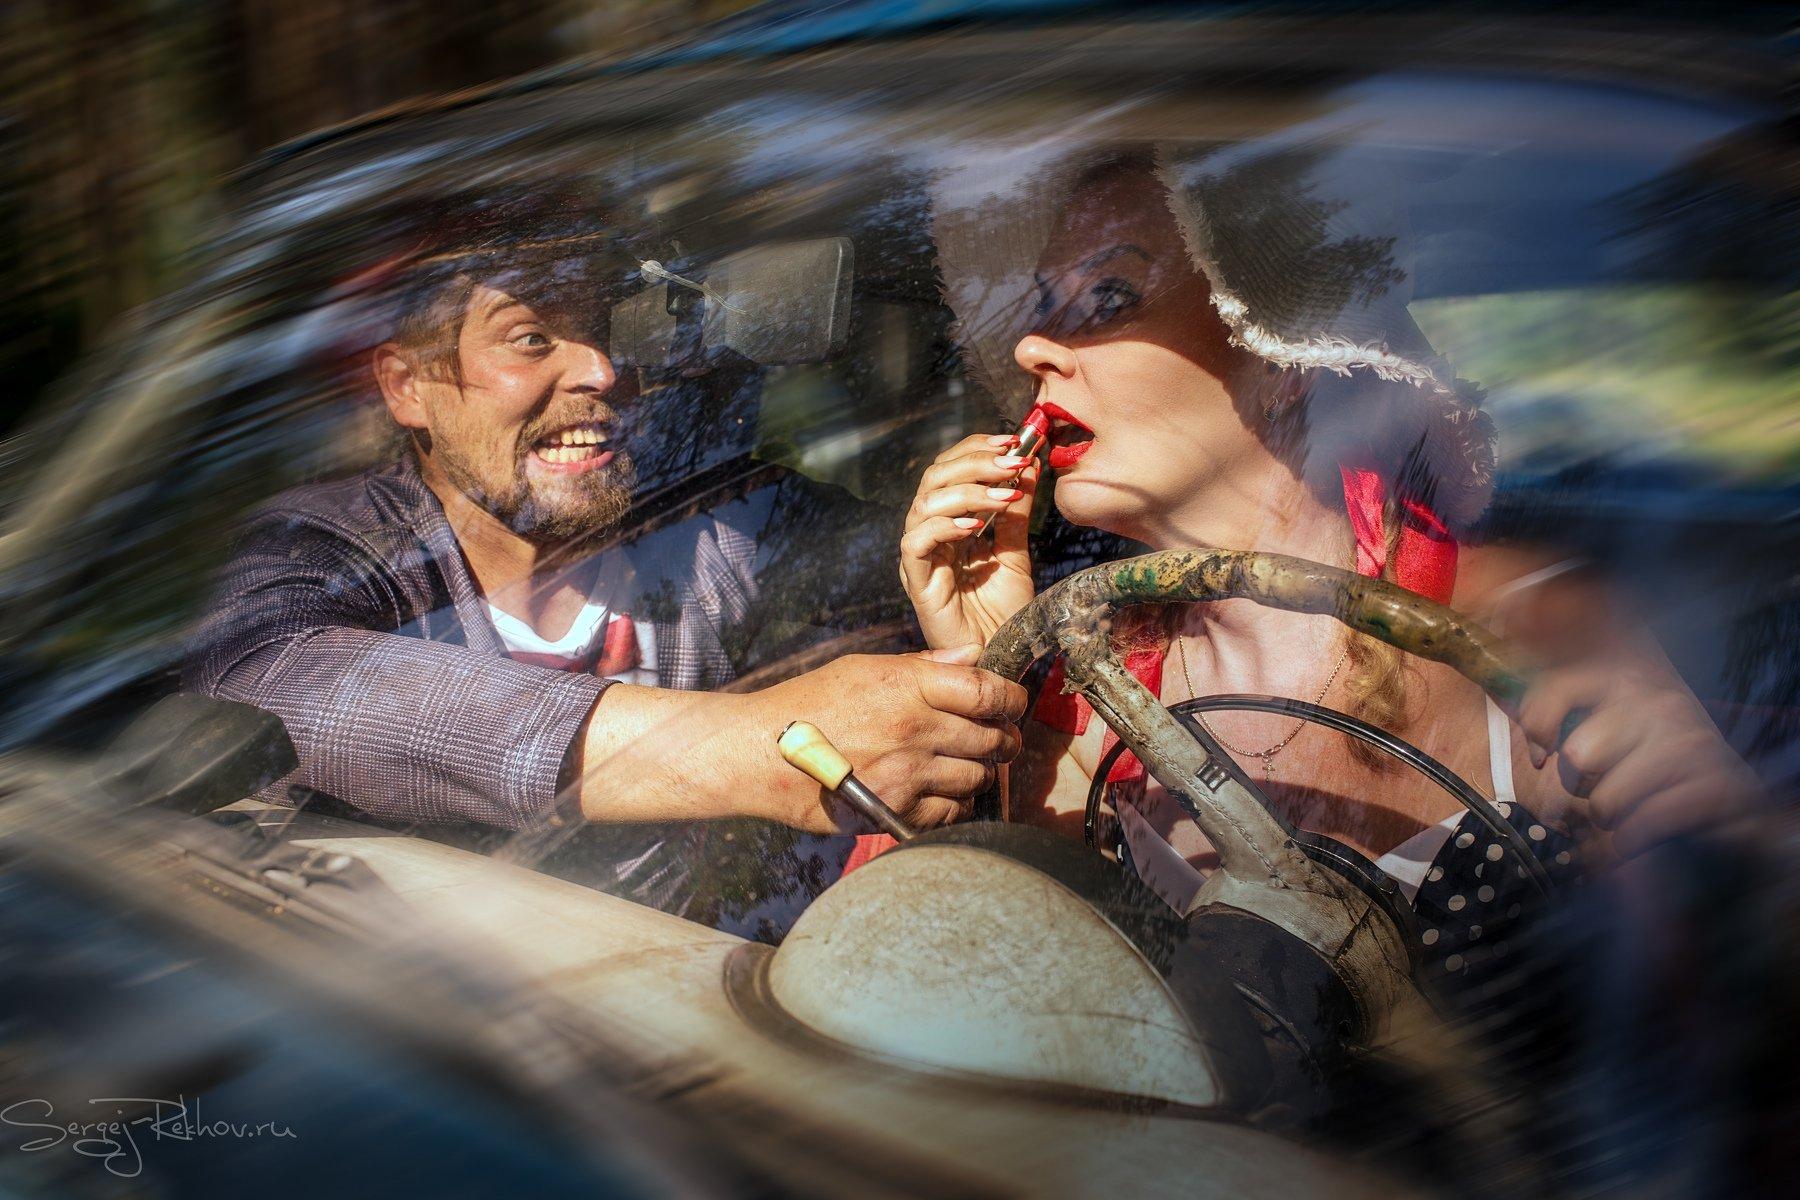 девушка, водитель, авто, скорость, прогулка, Сергей Рехов